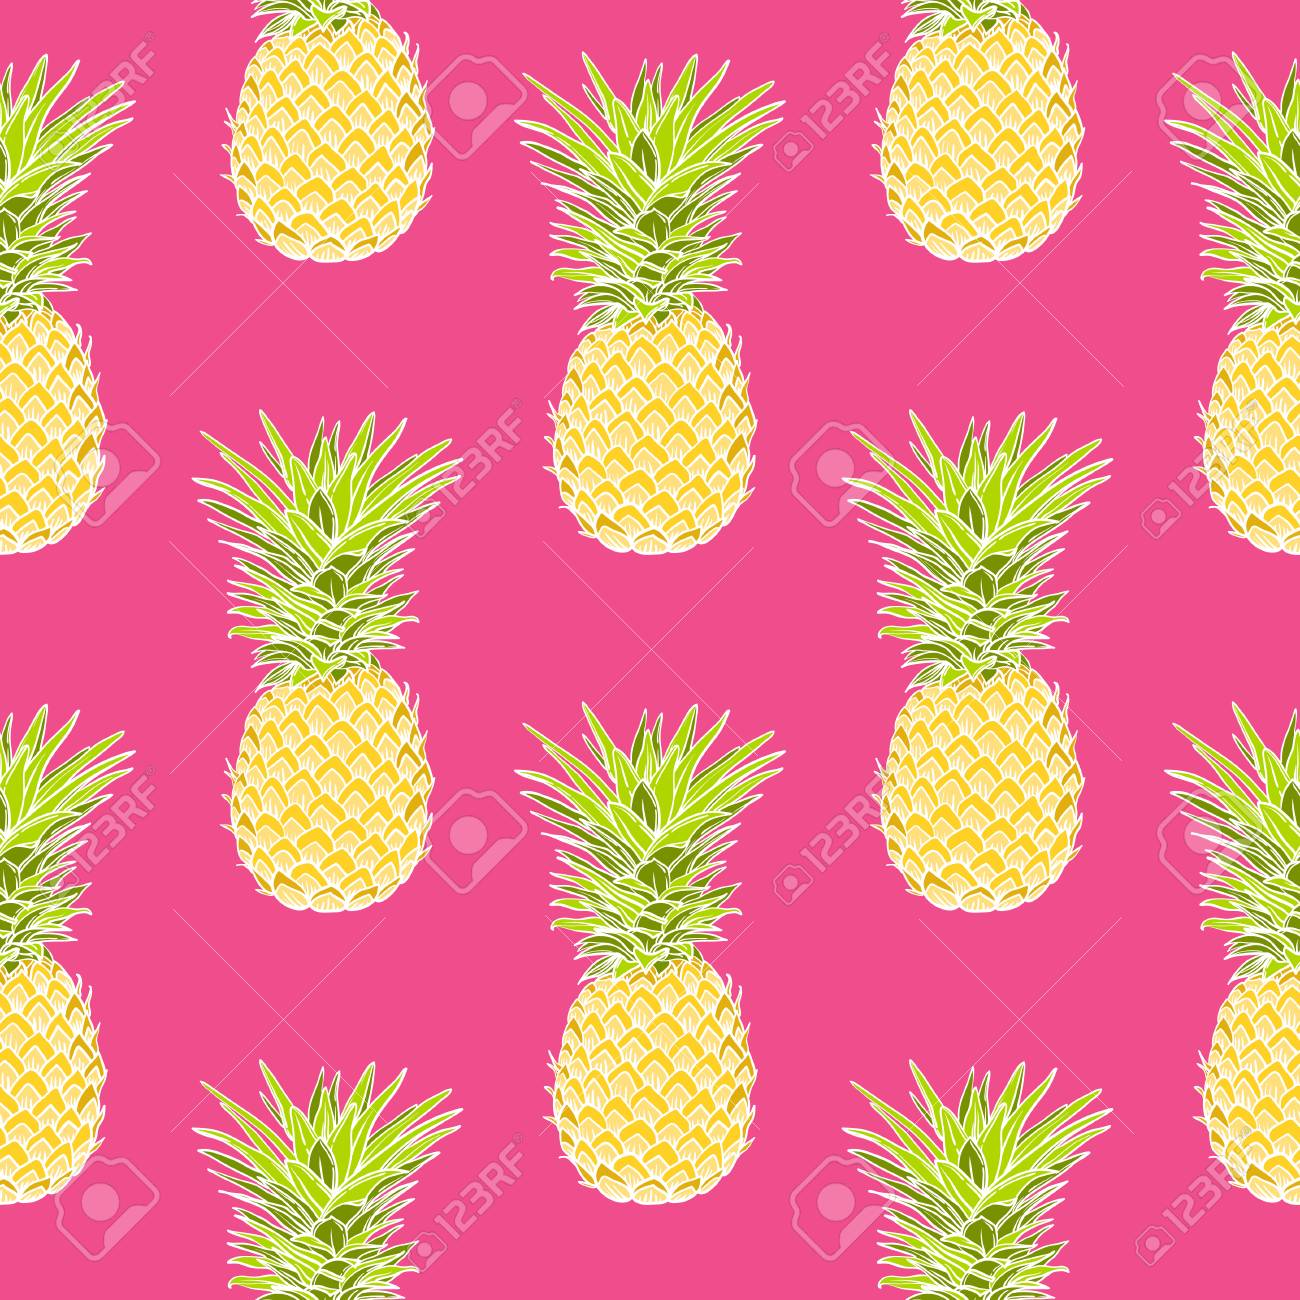 Ananas Vettore Tropicale Seamless La Moda Della Stampa Tessile